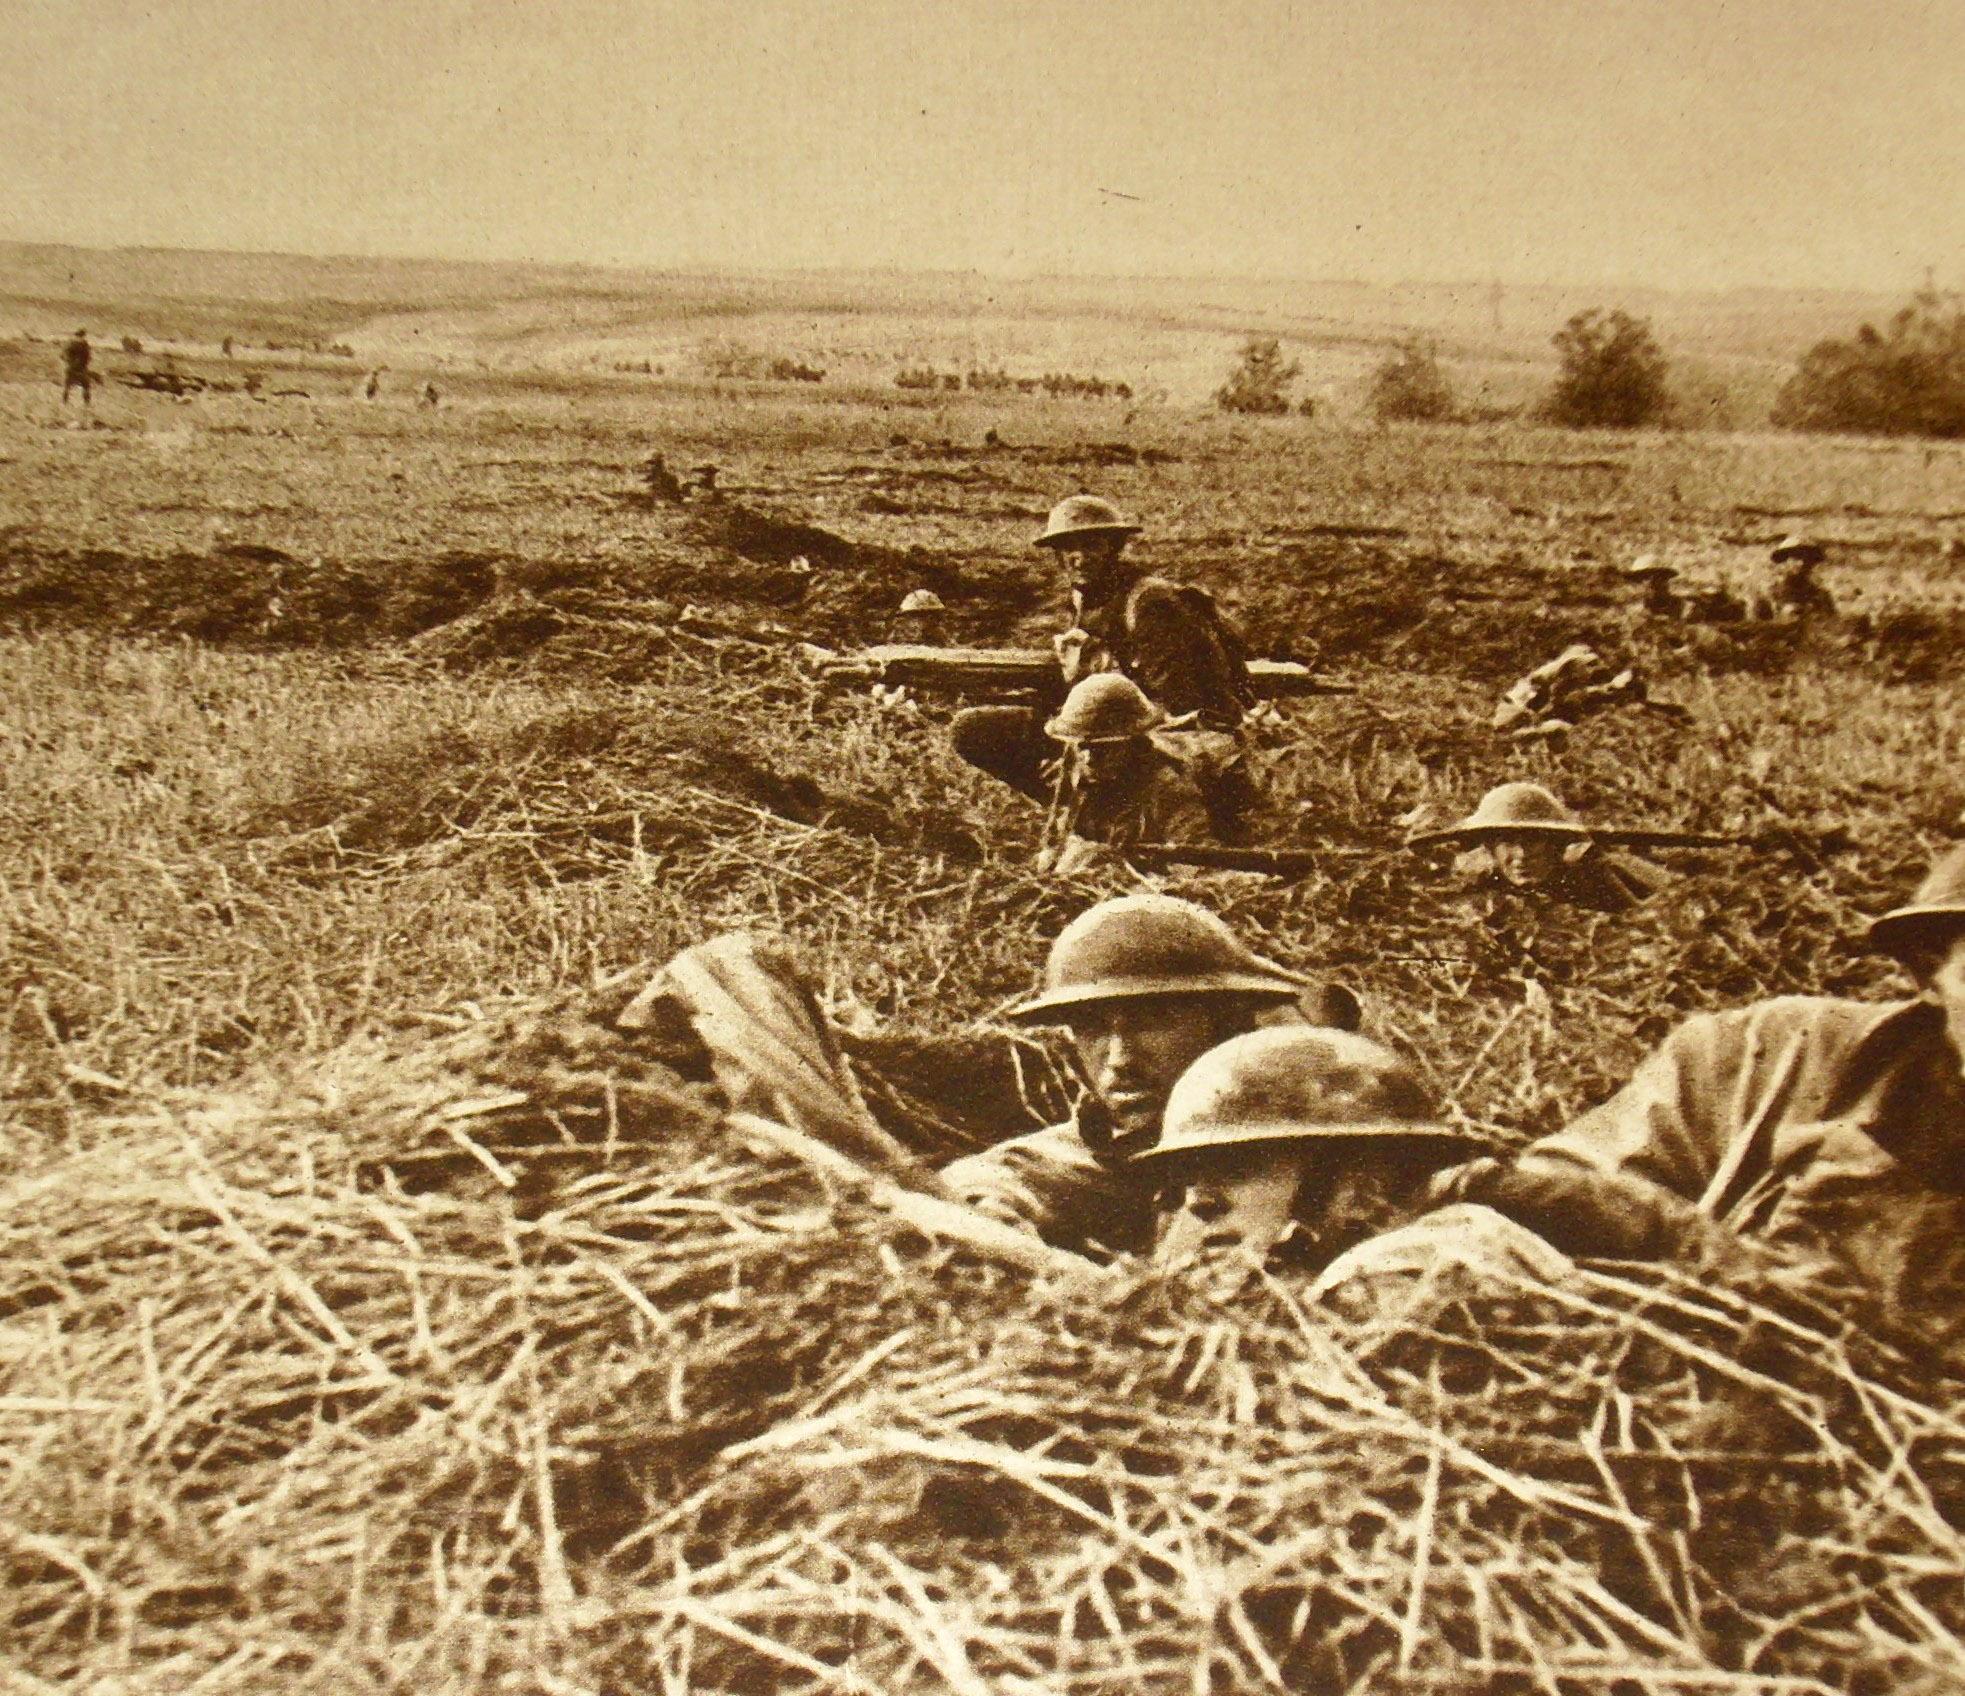 american-troops-in-world-war-i.jpg